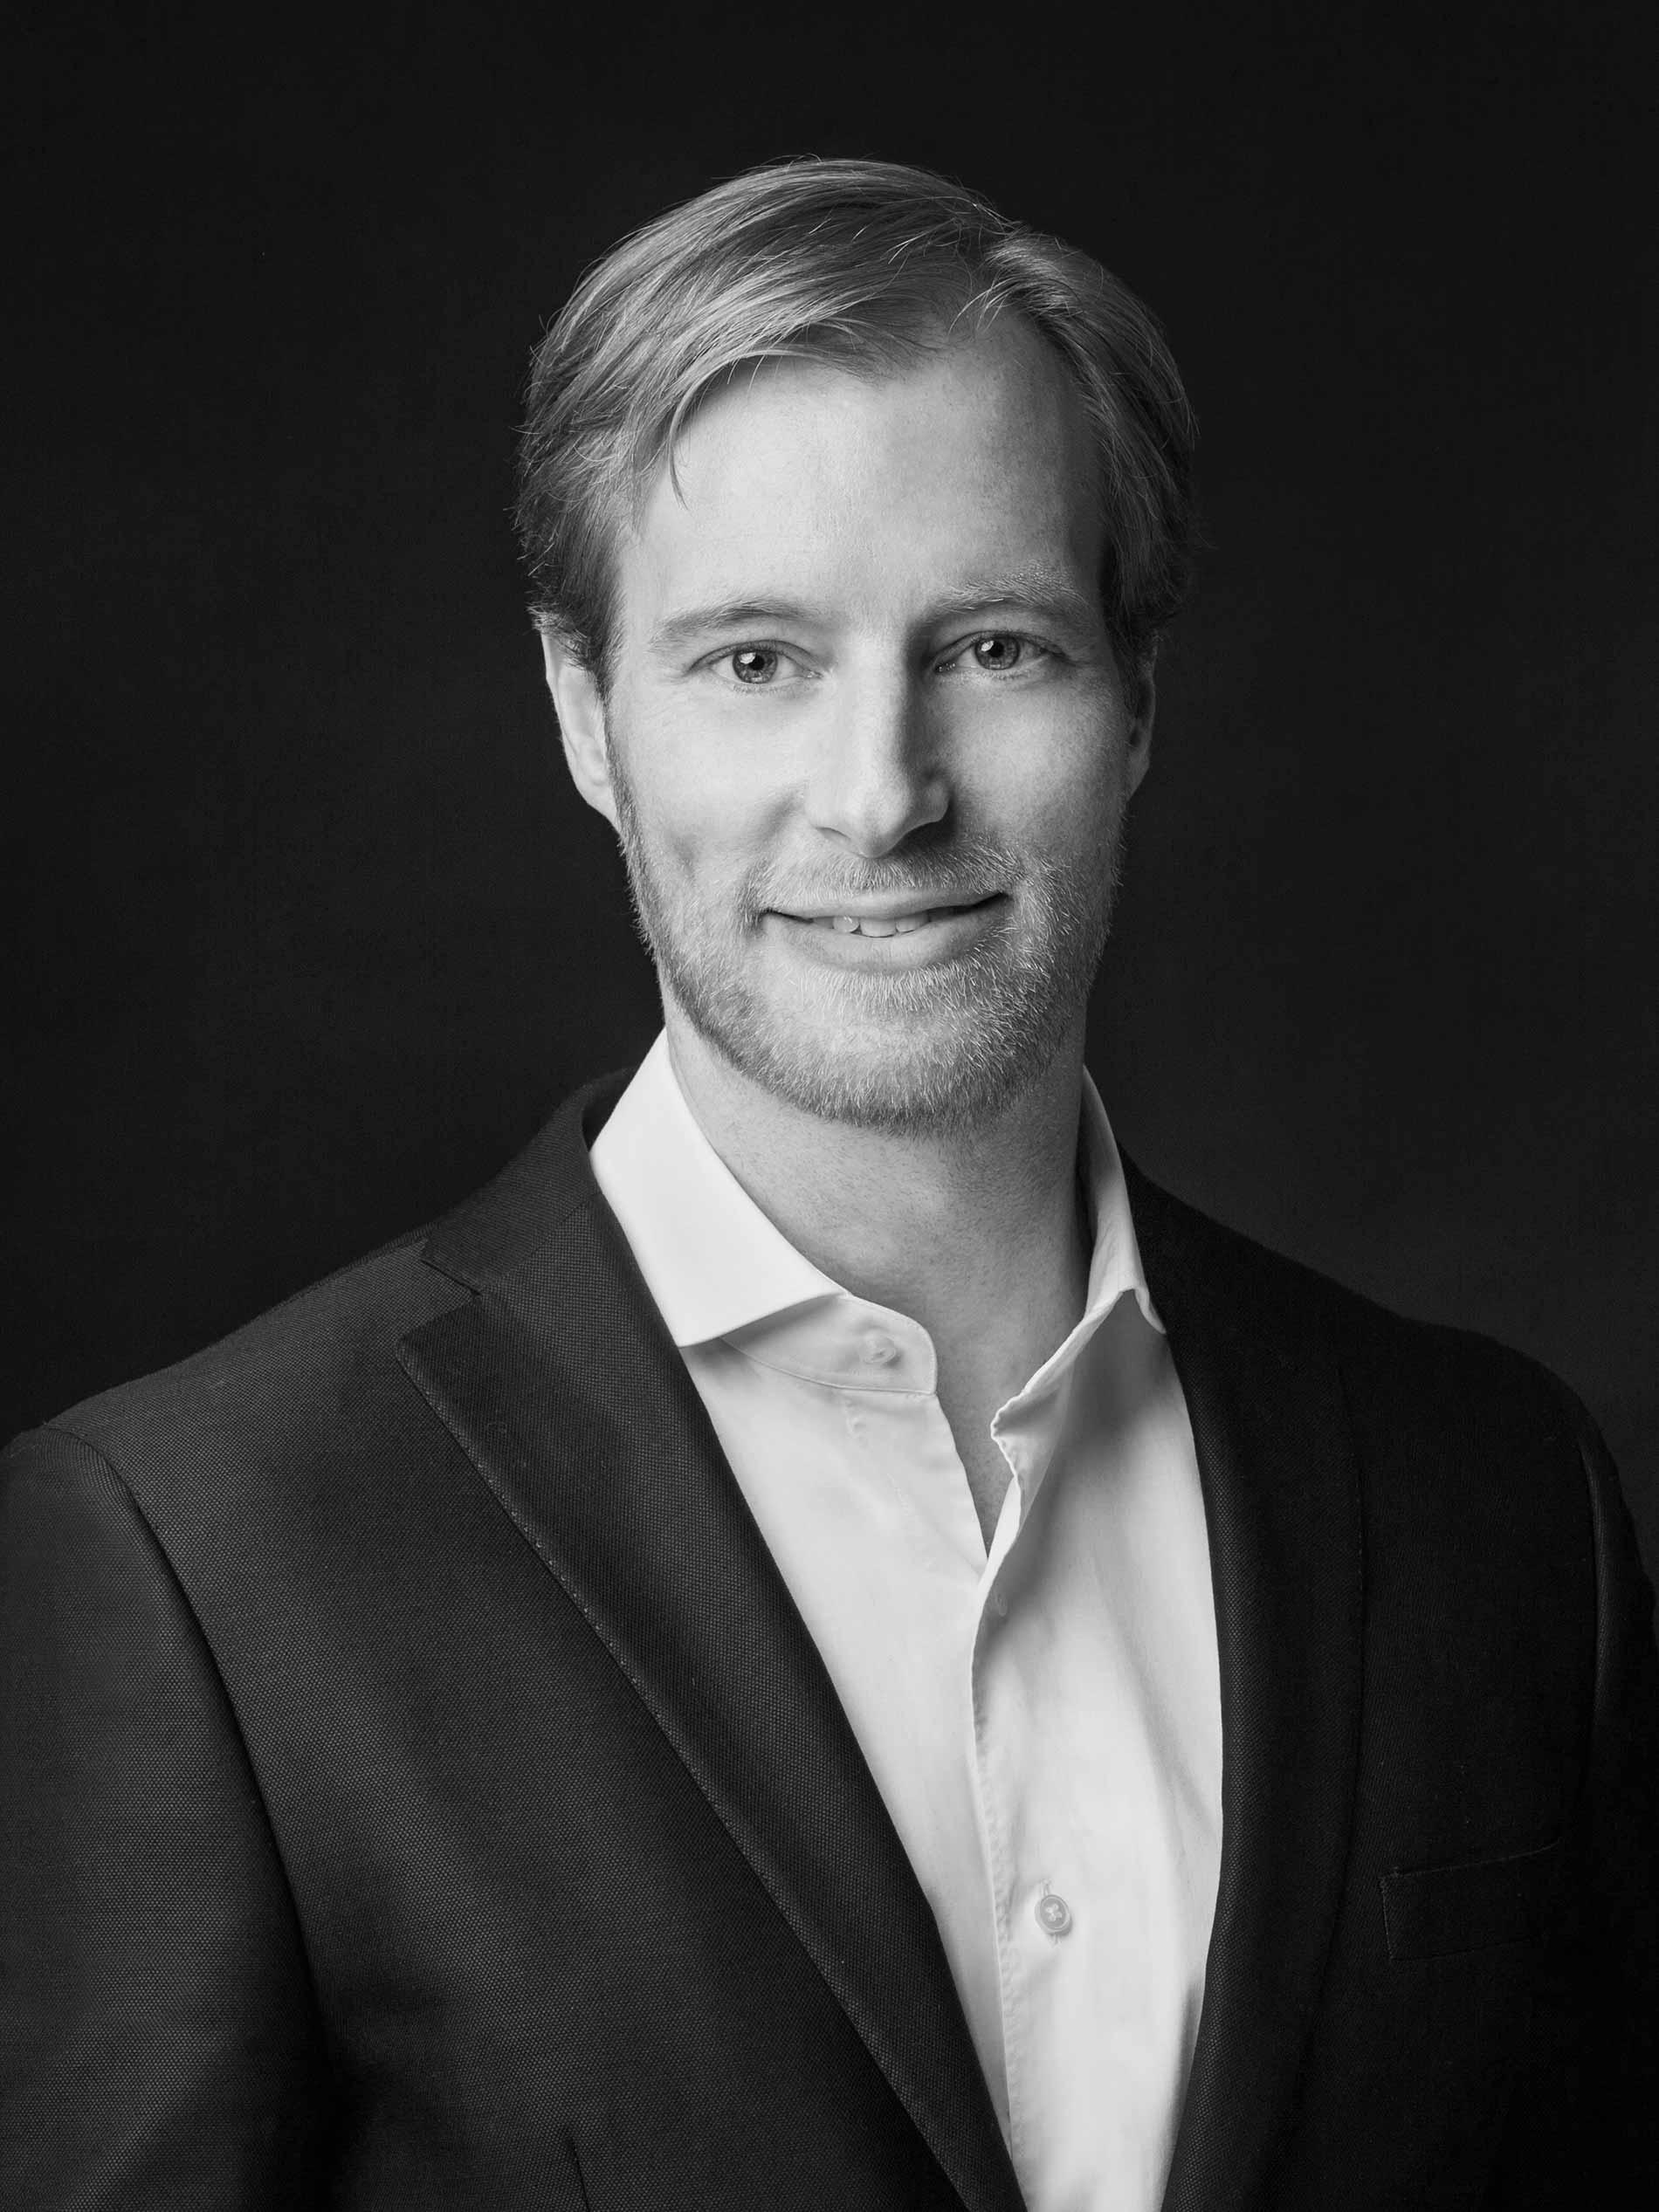 Portraitfoto in Schwarz-Weiß von Florian Mey | mey®